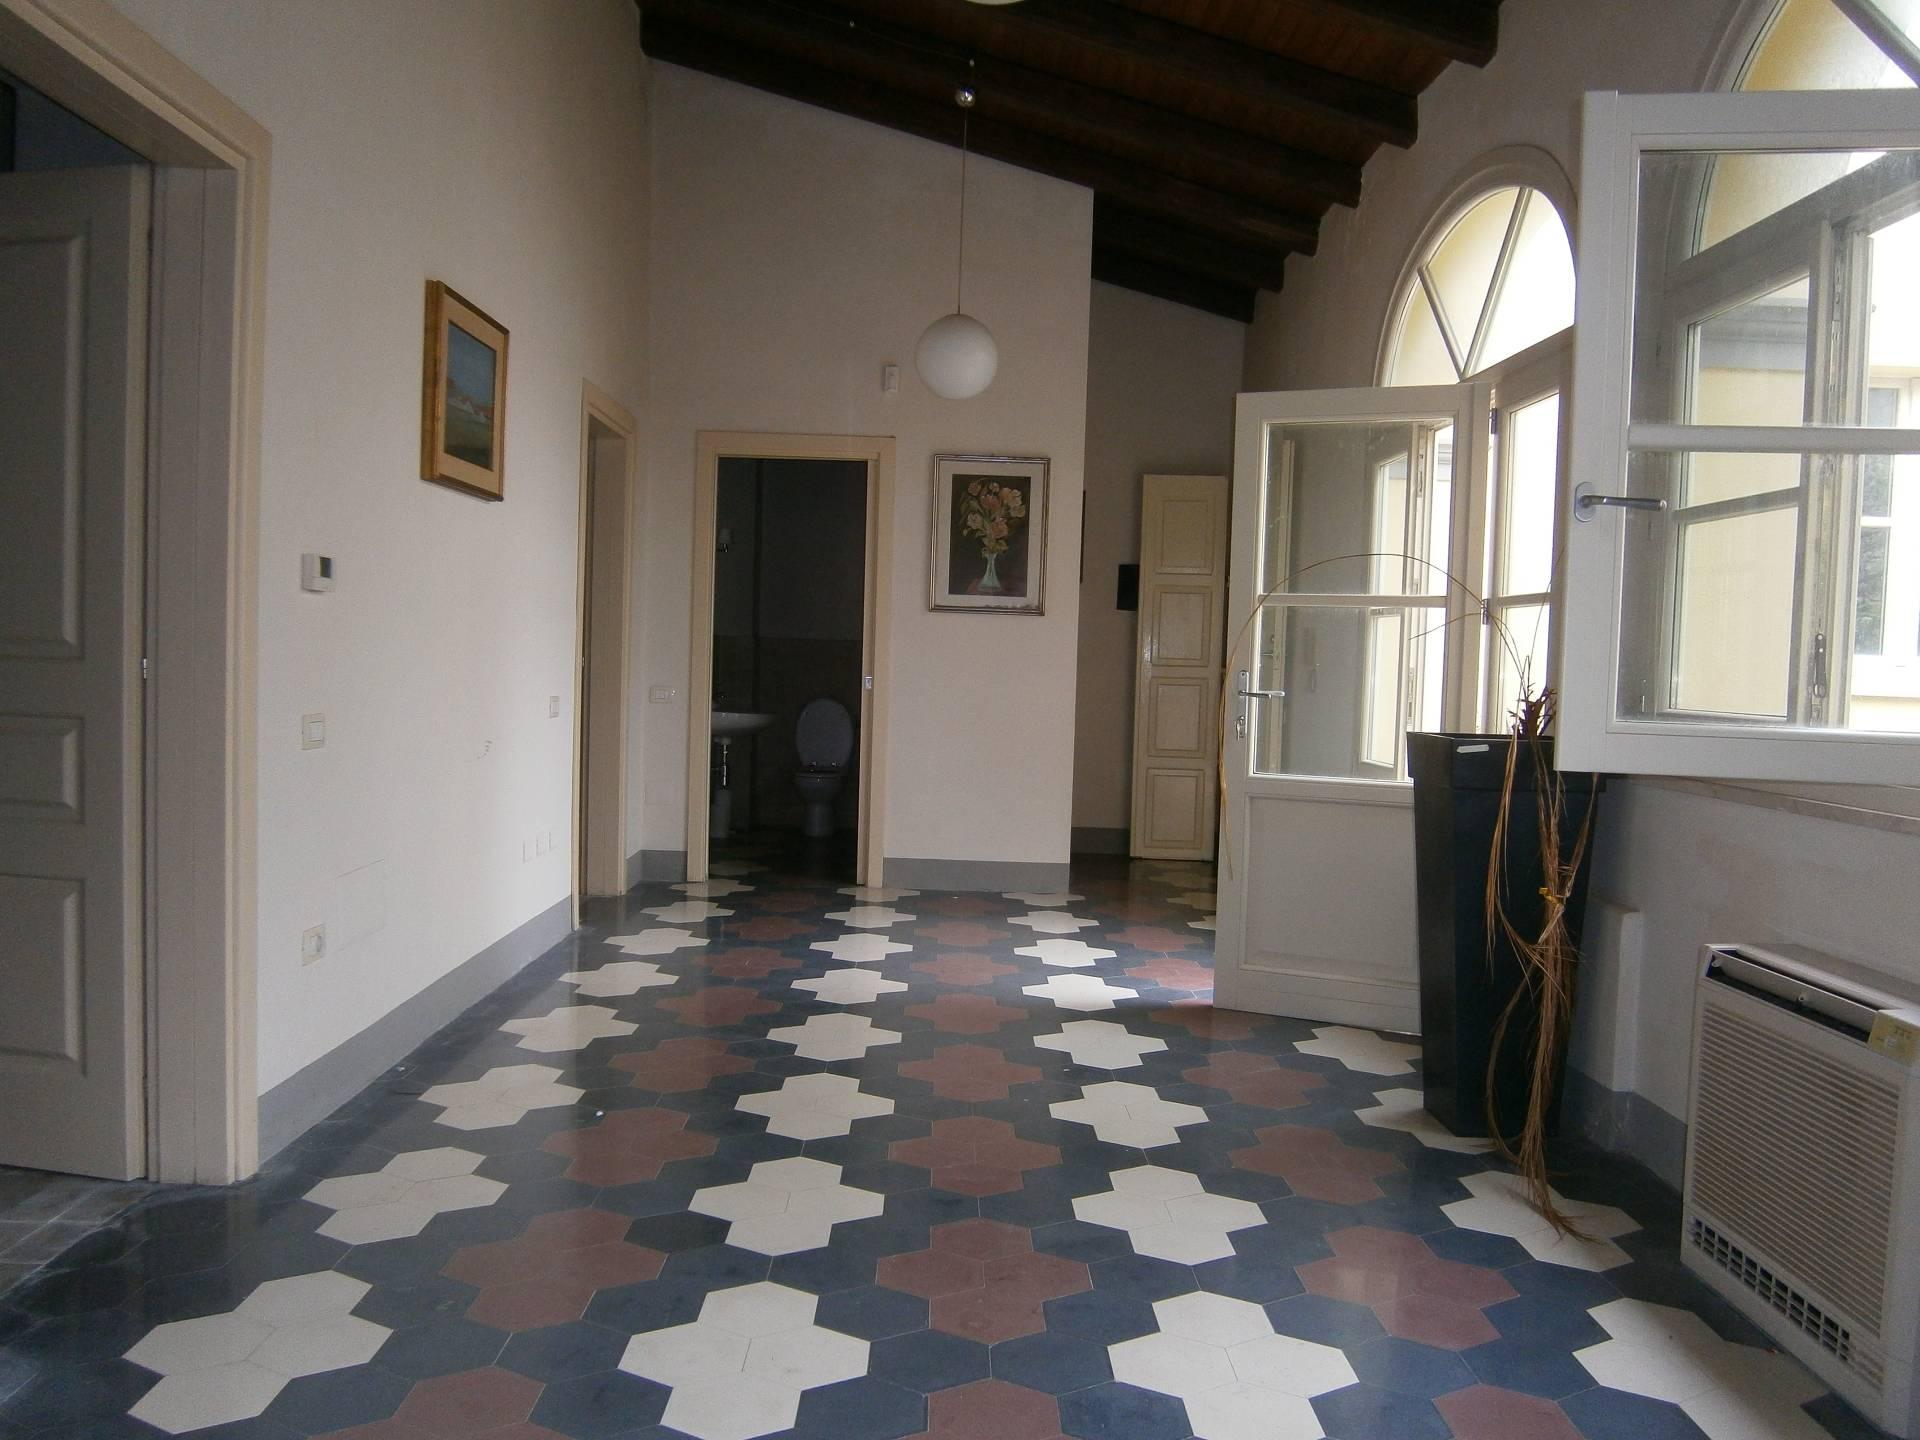 Villa in affitto a Quartucciu, 7 locali, zona Località: CentroStorico, prezzo € 1.500 | Cambio Casa.it